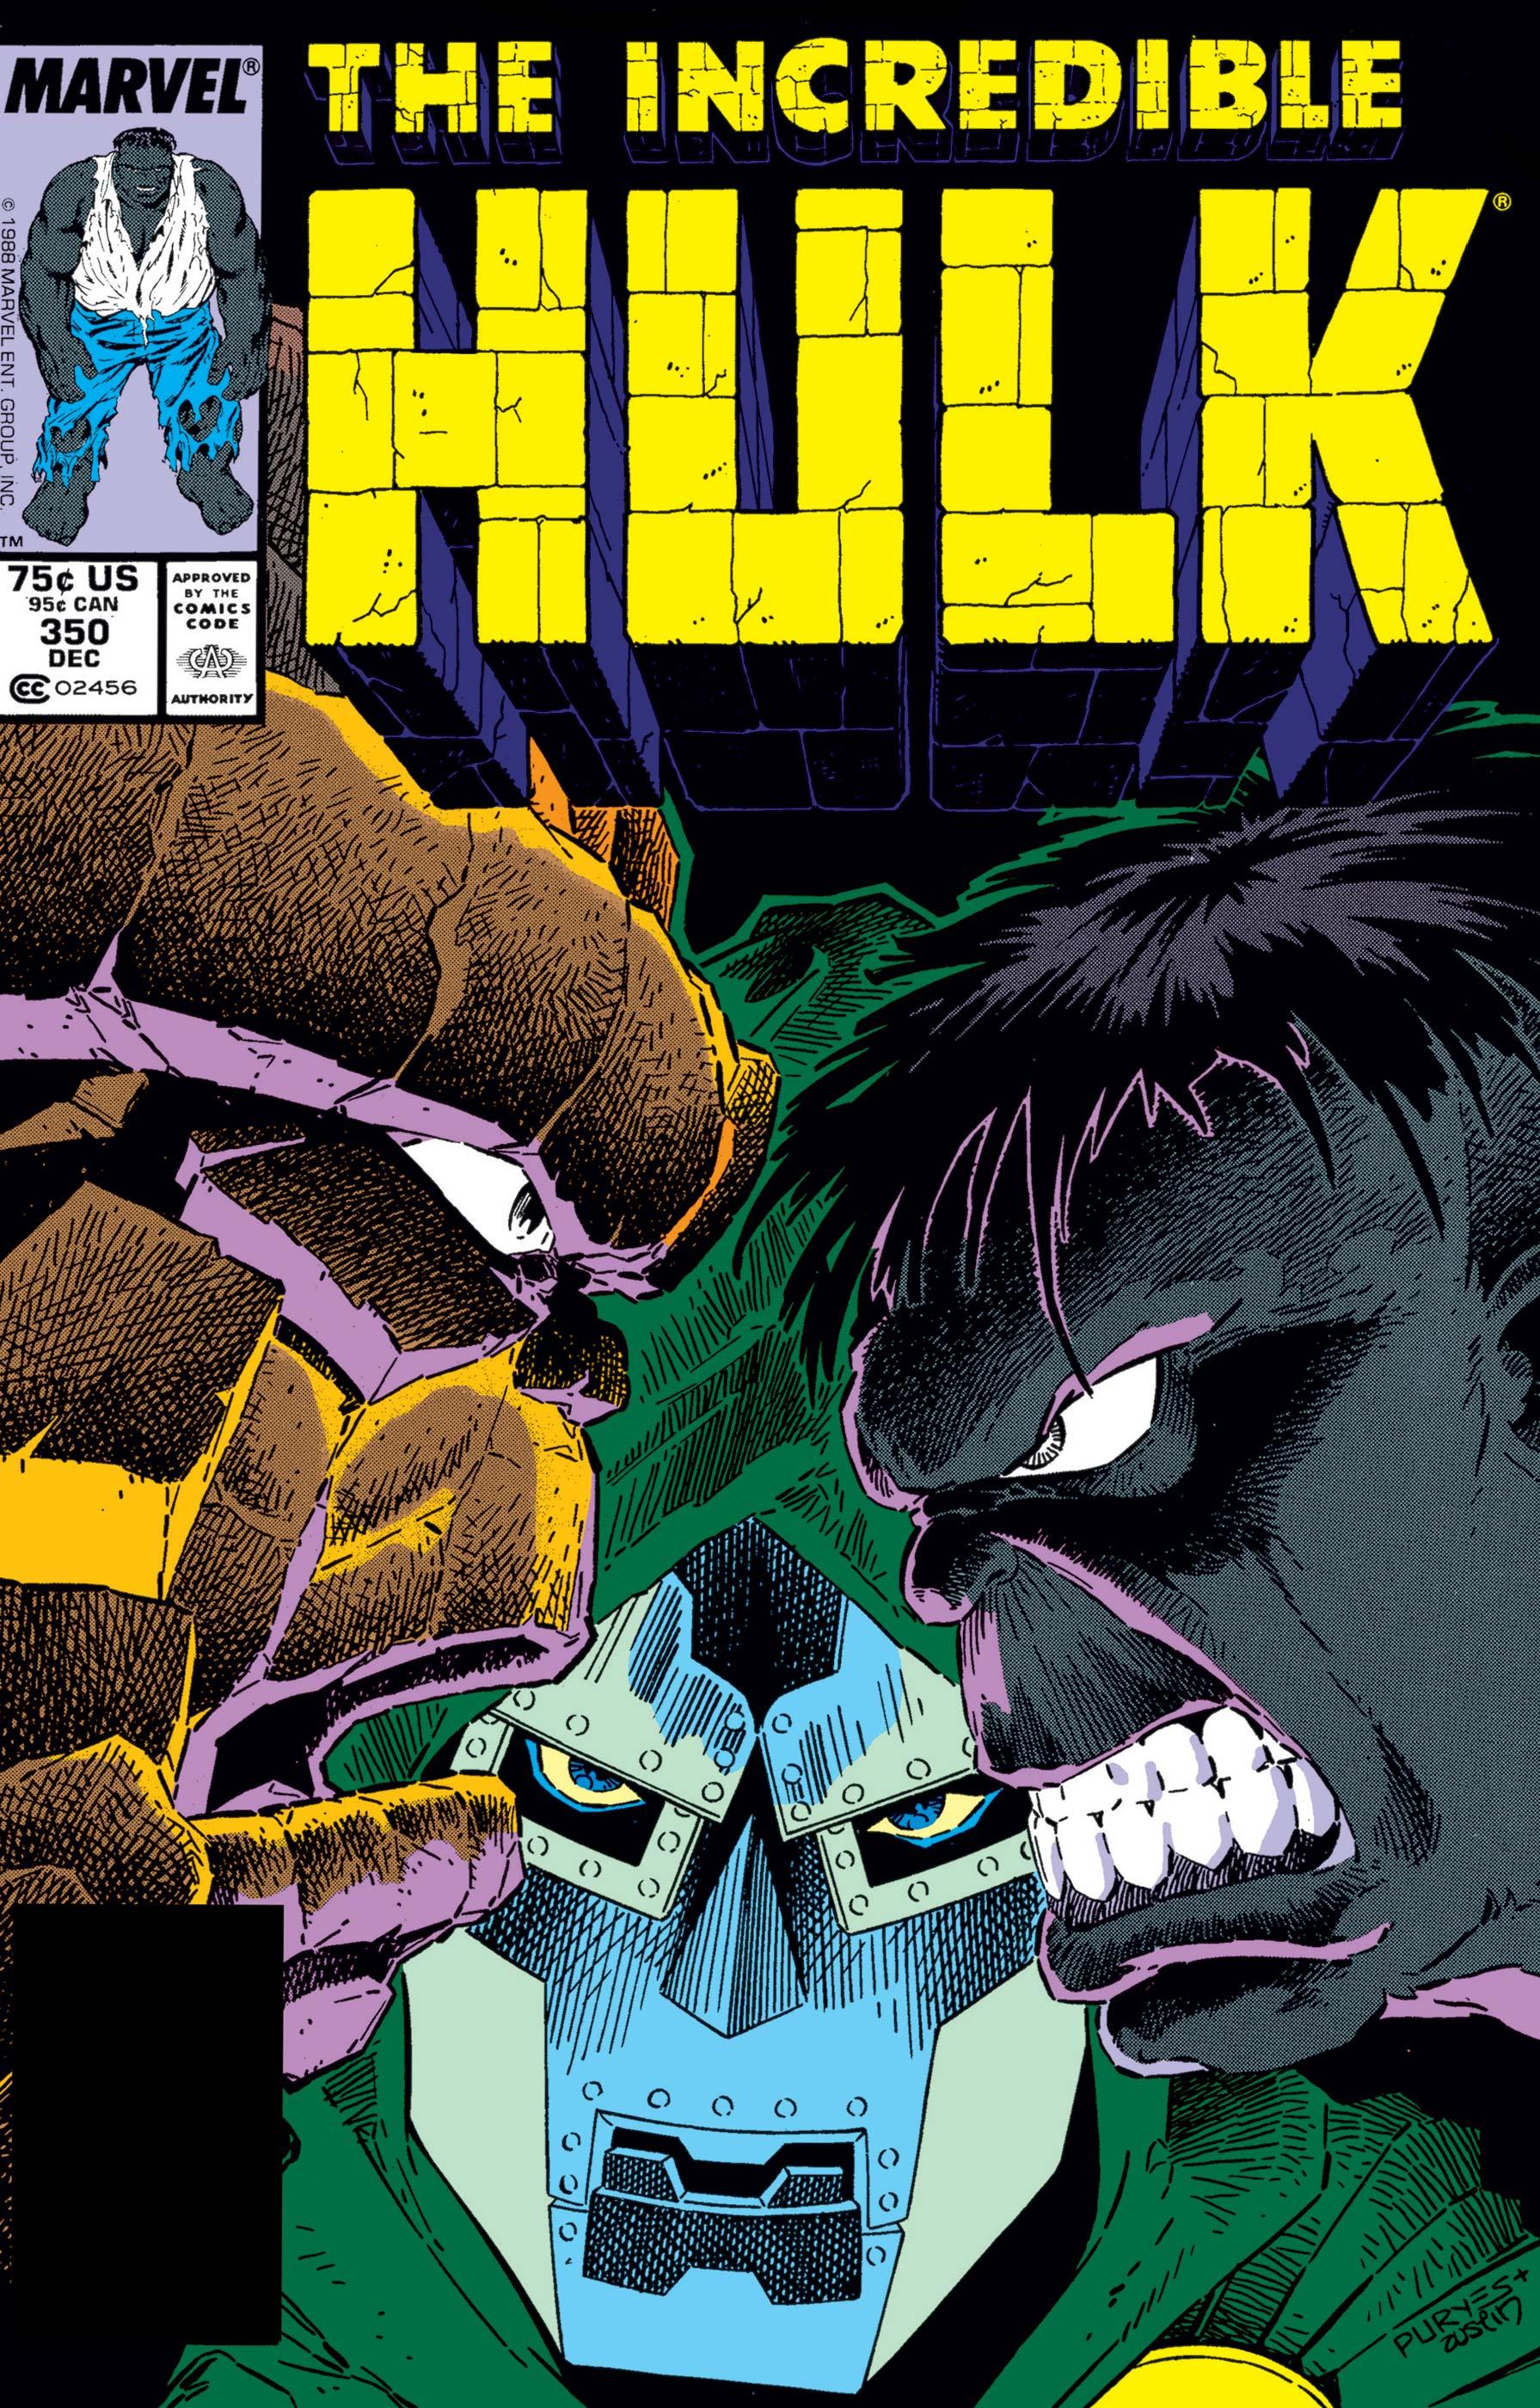 Incredible Hulk (1962) #350